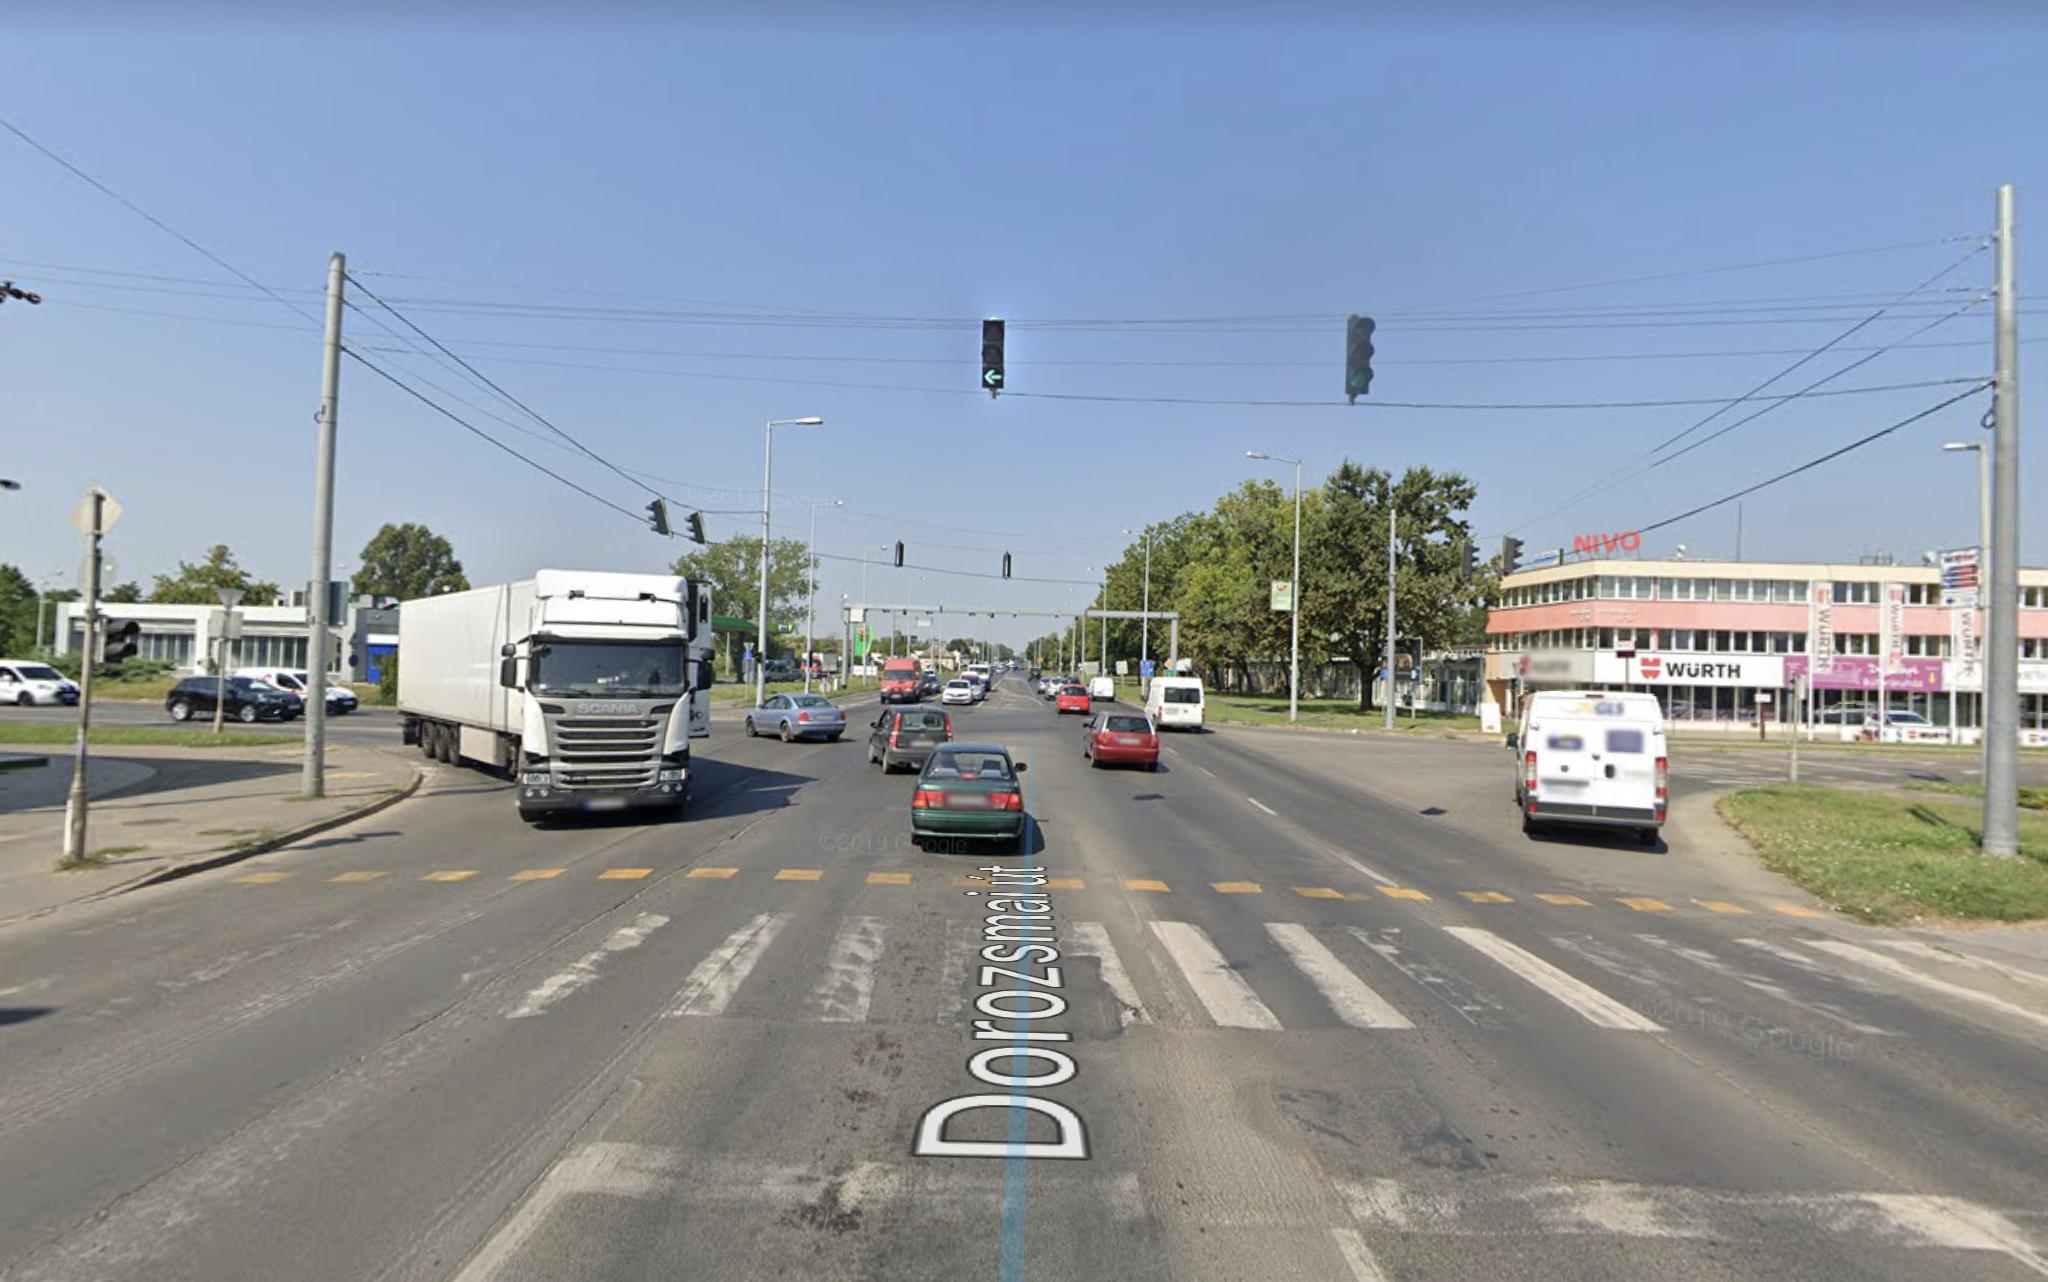 Szeged, Dorozsmai út M5 bevezető, 400m2, önállò épület, 24 Órás,  Őrzött, Raktár, Iroda, Üzlethelyiség,Ipari Ingatlan Kiadò